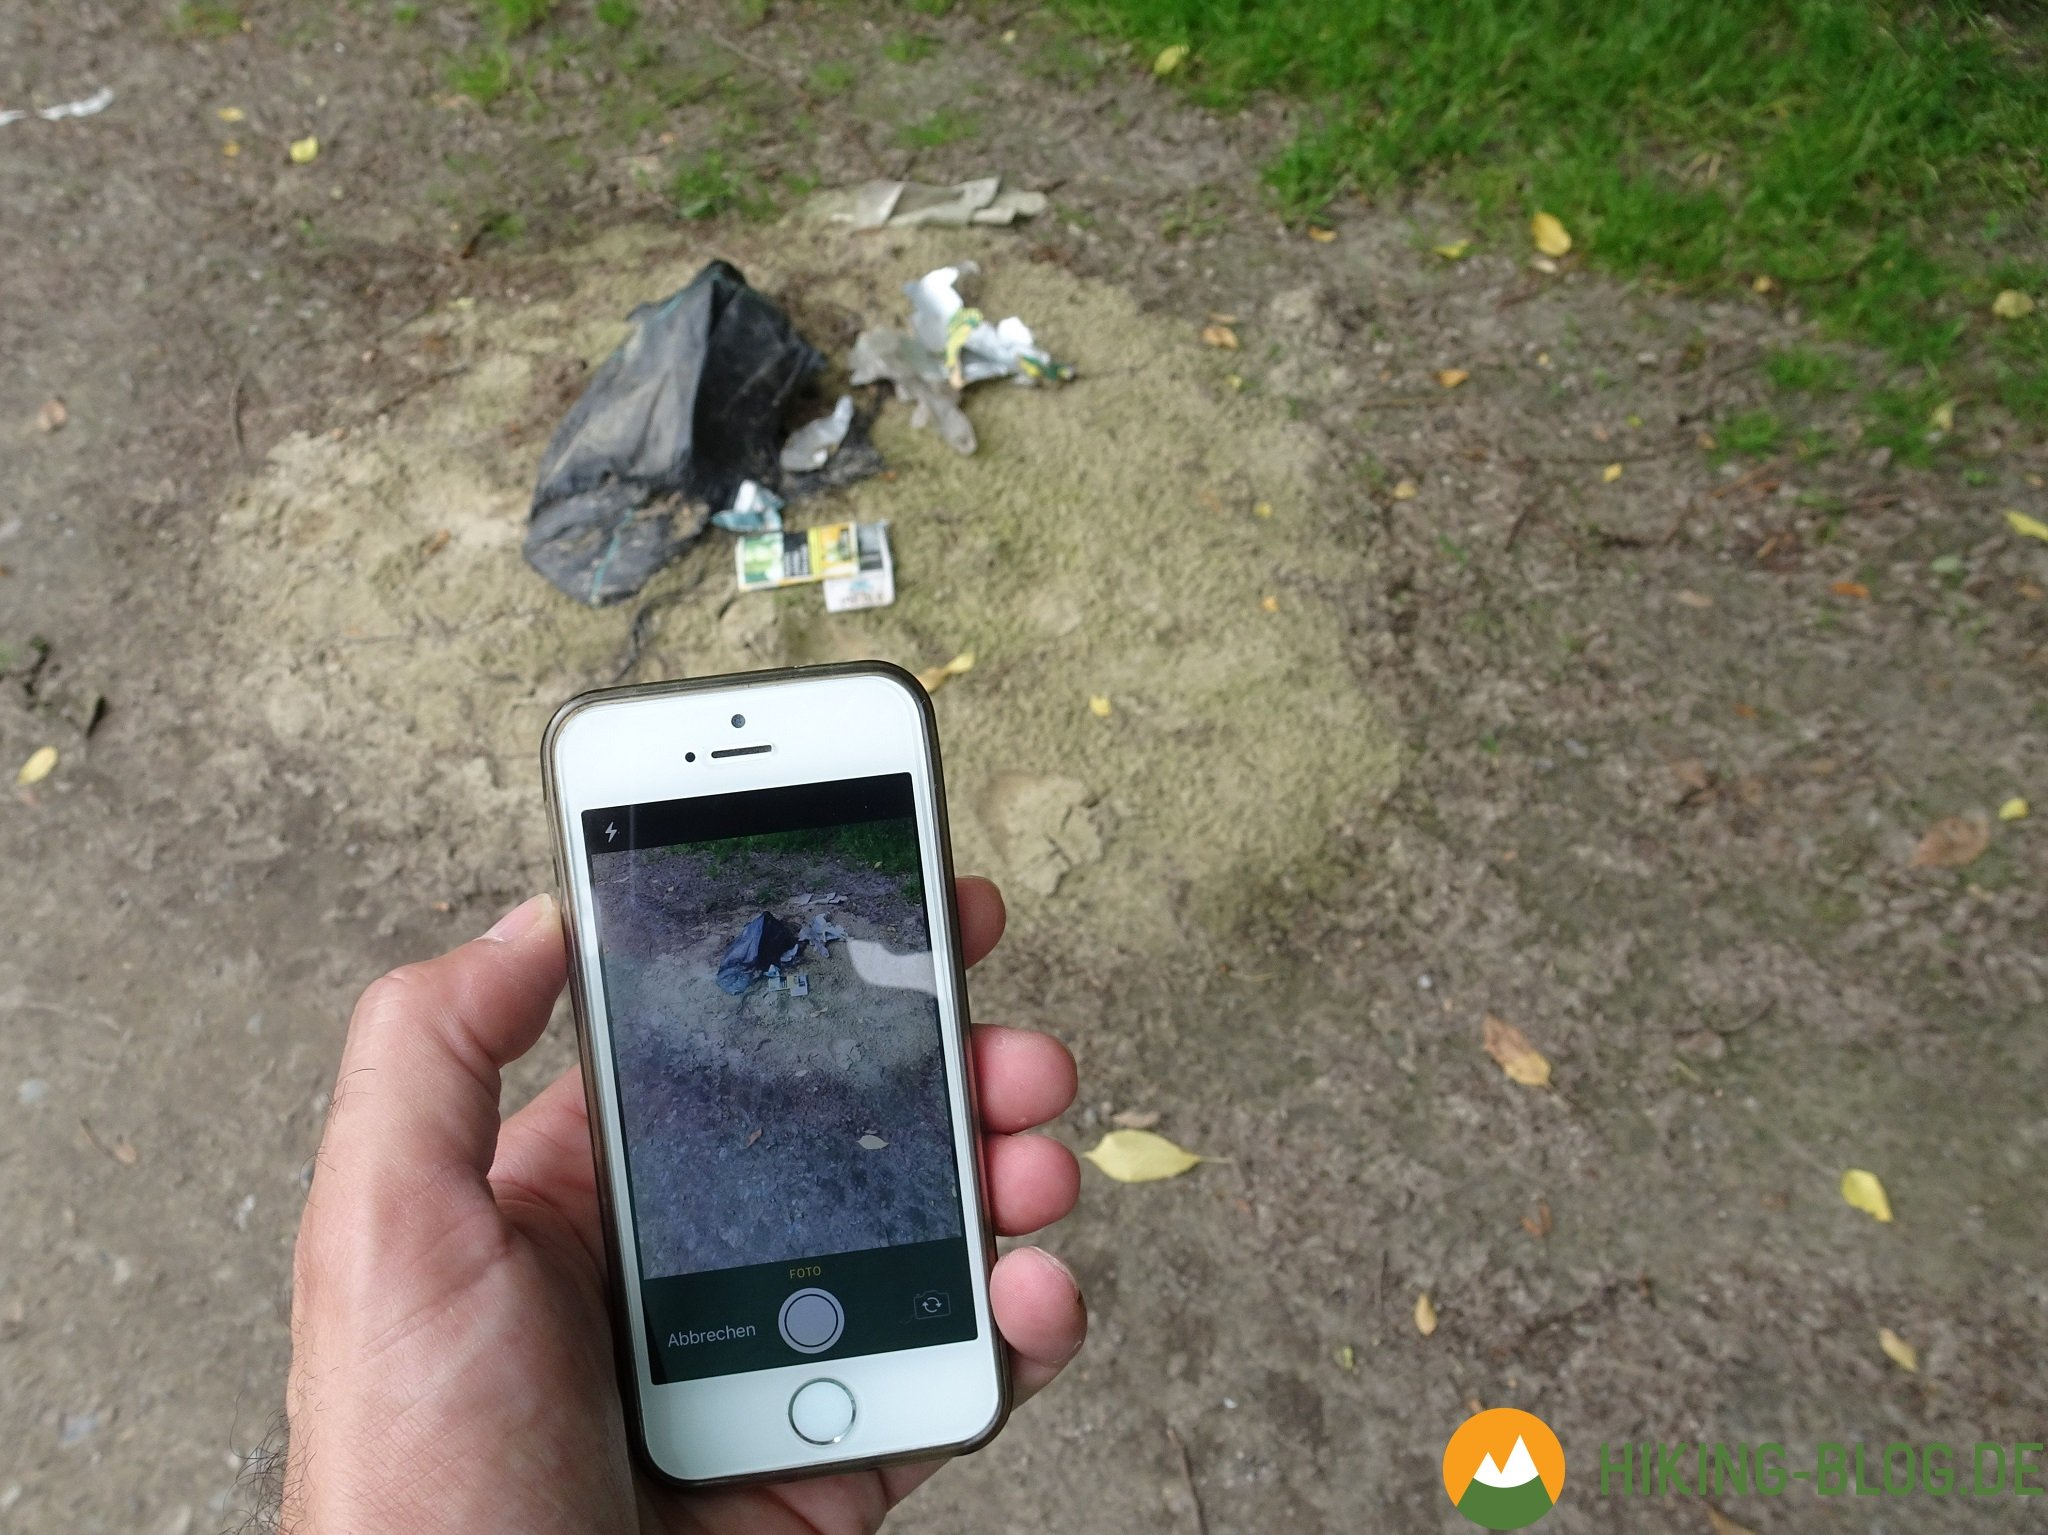 Mit der App Dreckpetze illegal entsorgten Müll in Dortmund fotografieren und melden